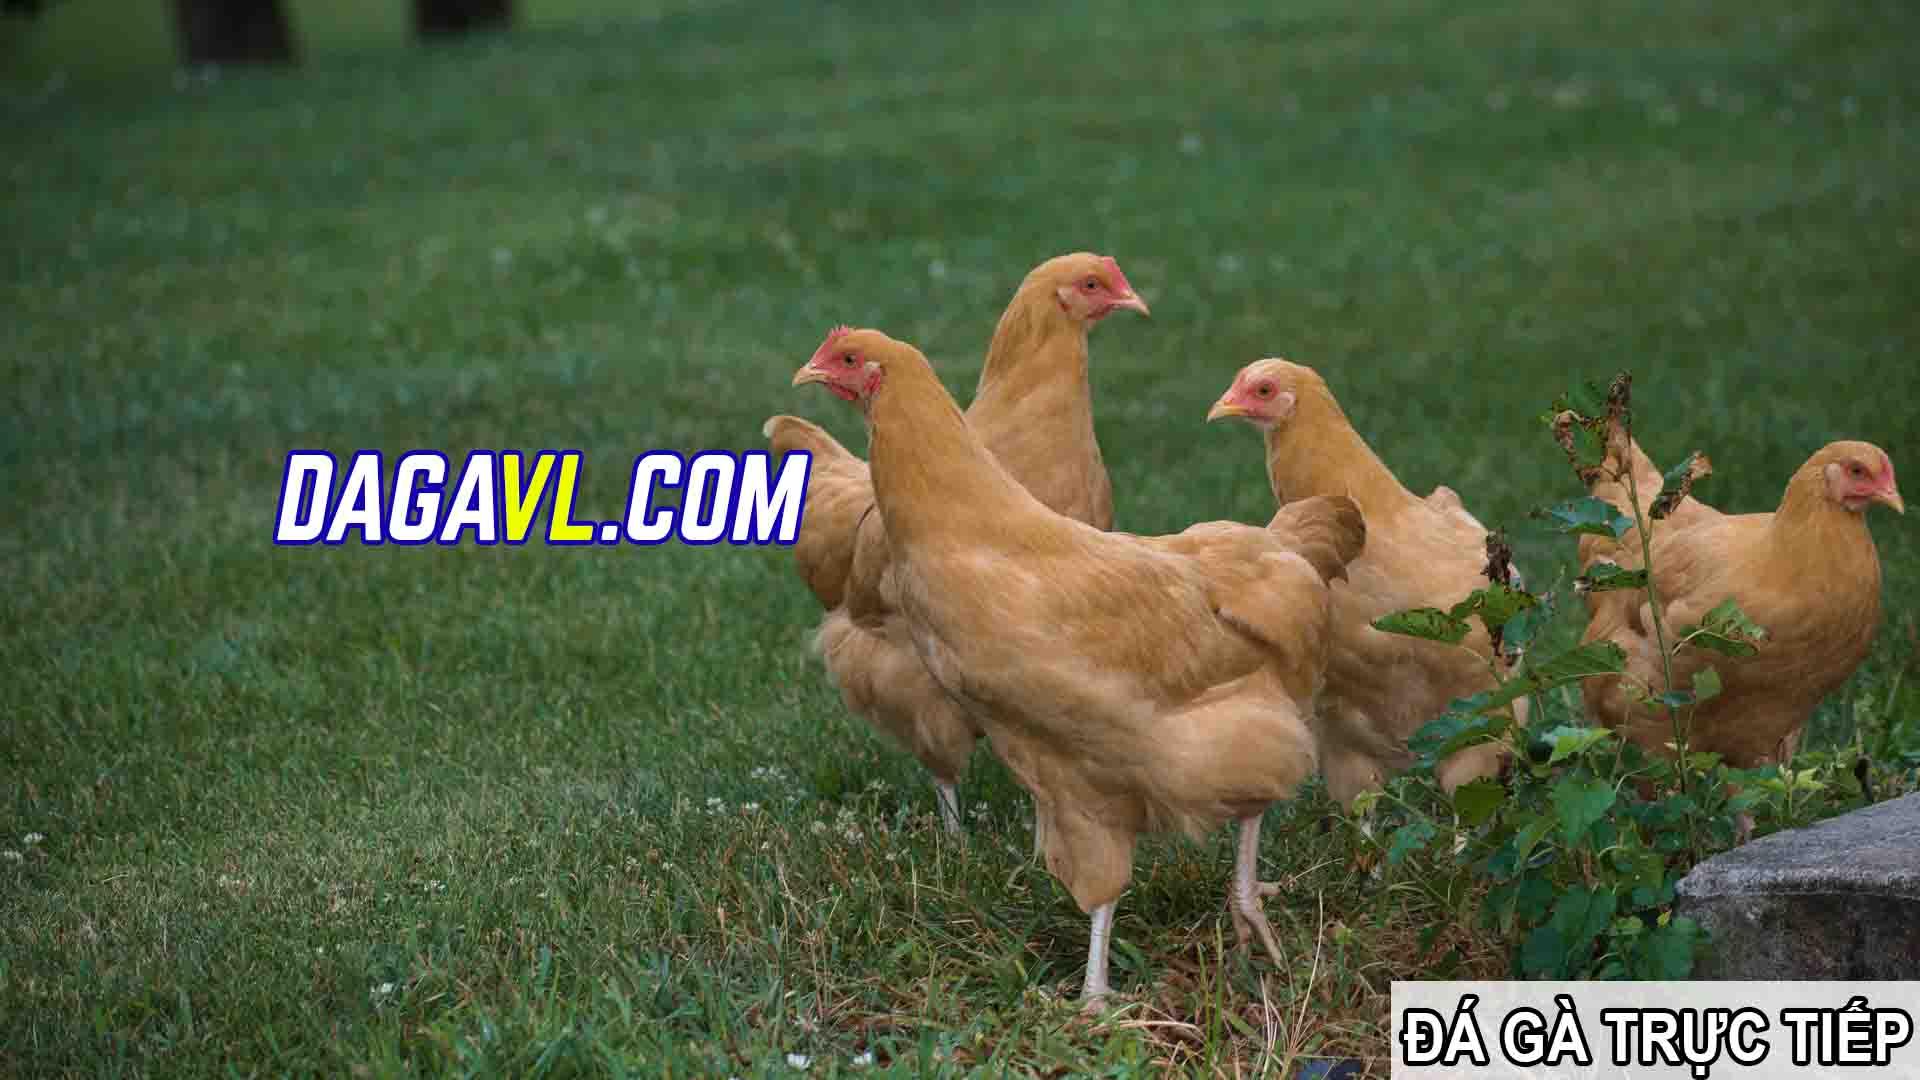 DAGAVL.COM - đá gà trực tiếp. Tác hại của việc nhổ lông gà đá hay nhất (PHẦN 2)